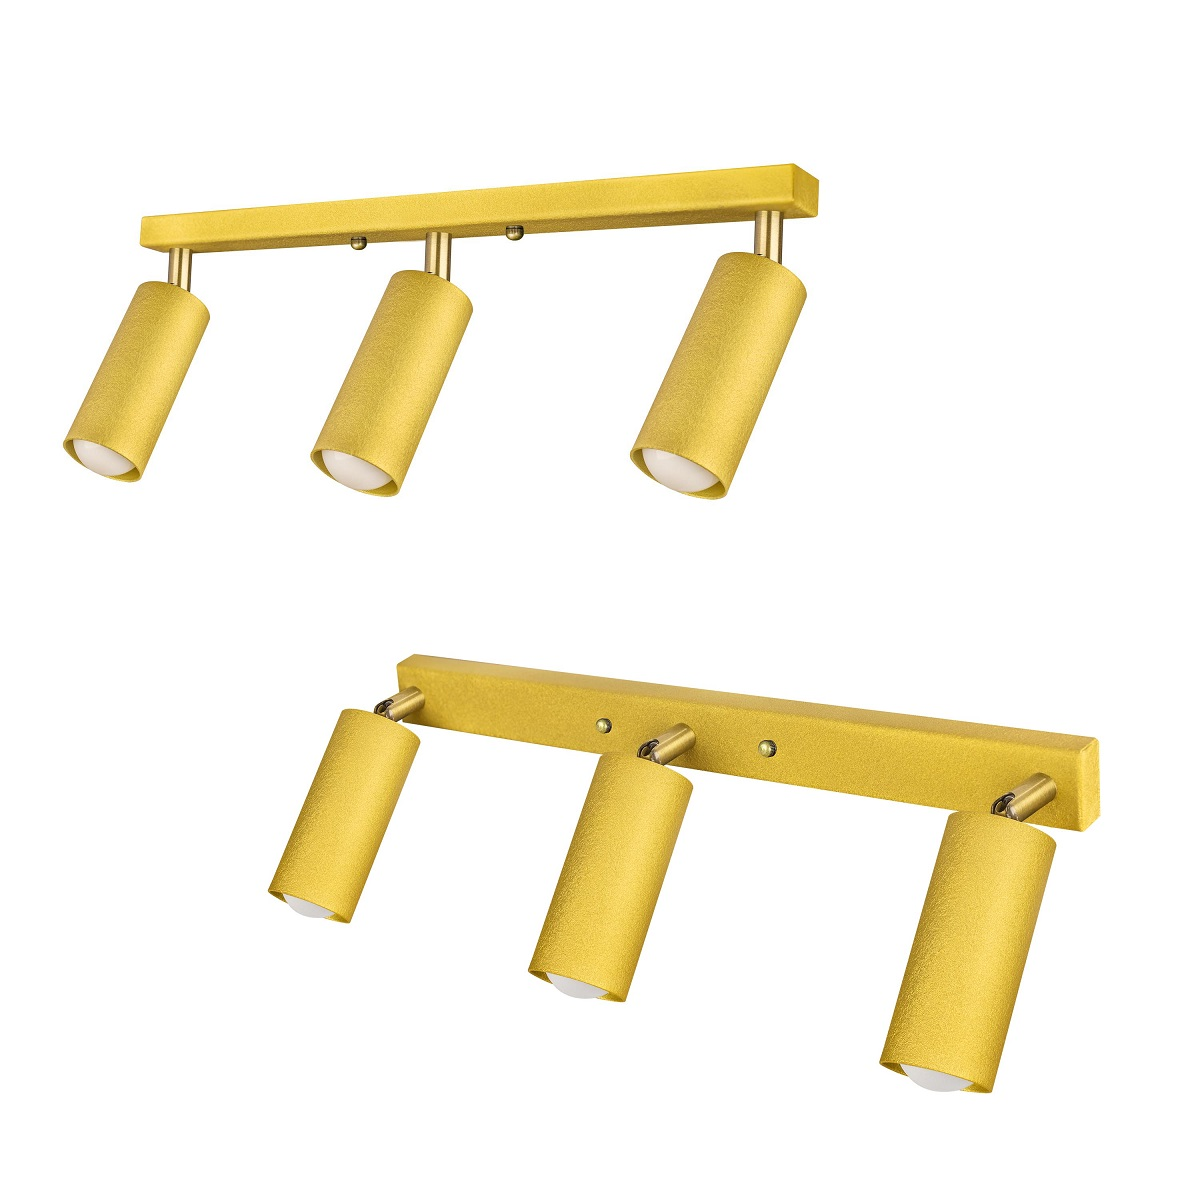 Світильники ЛОФТ - Люстра лофт потолочная с поворотным плафоном 000002756 - Фото 2